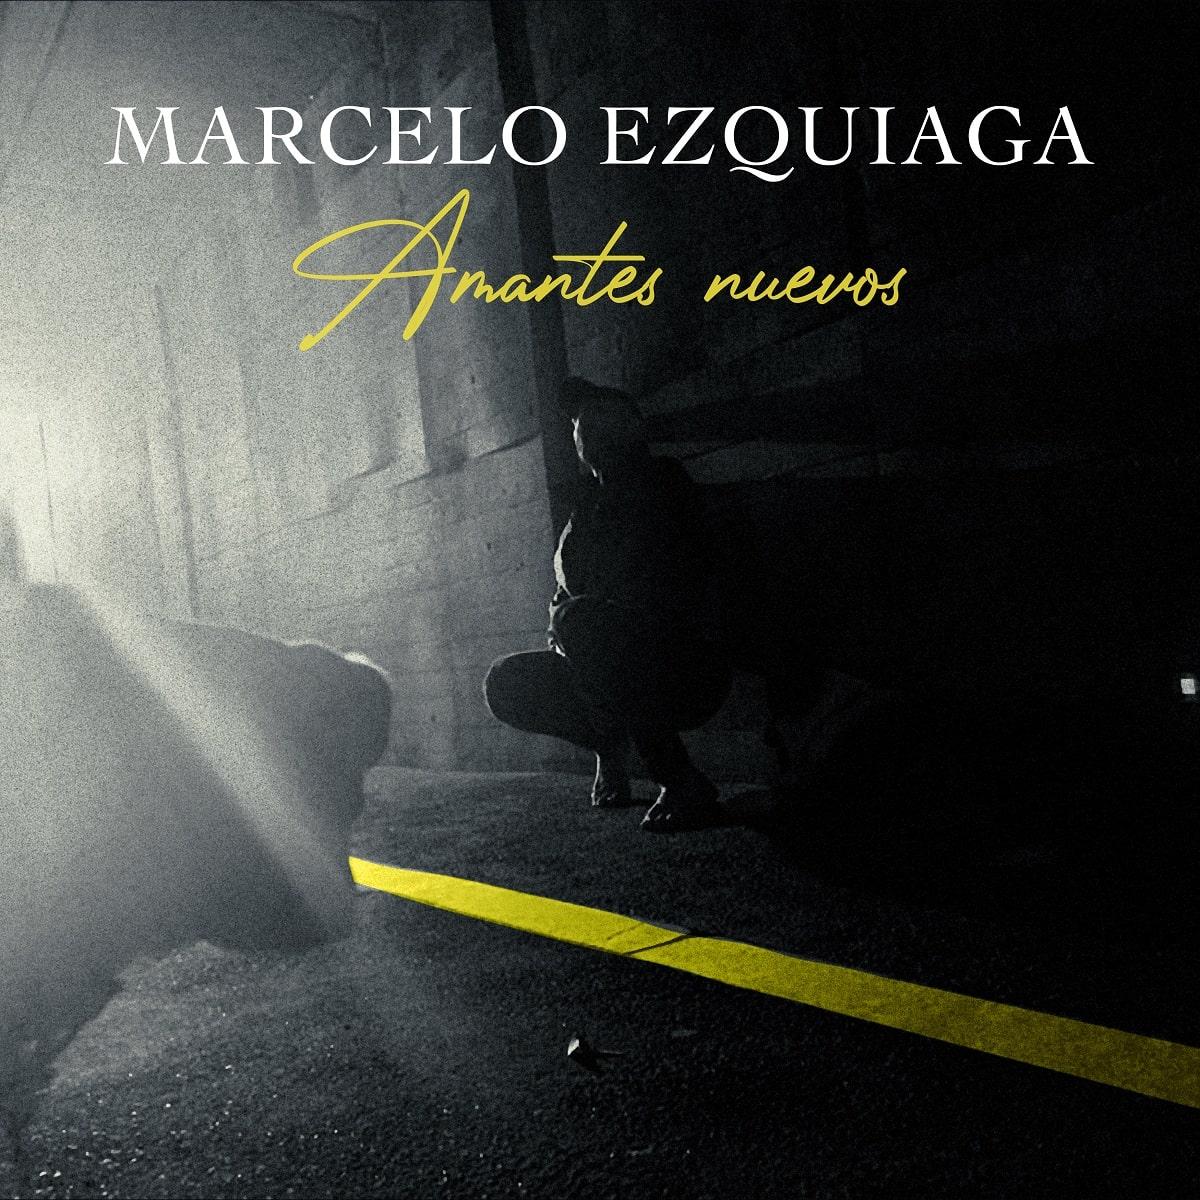 """Marcelo Ezquiaga presenta """"Amantes nuevos""""."""